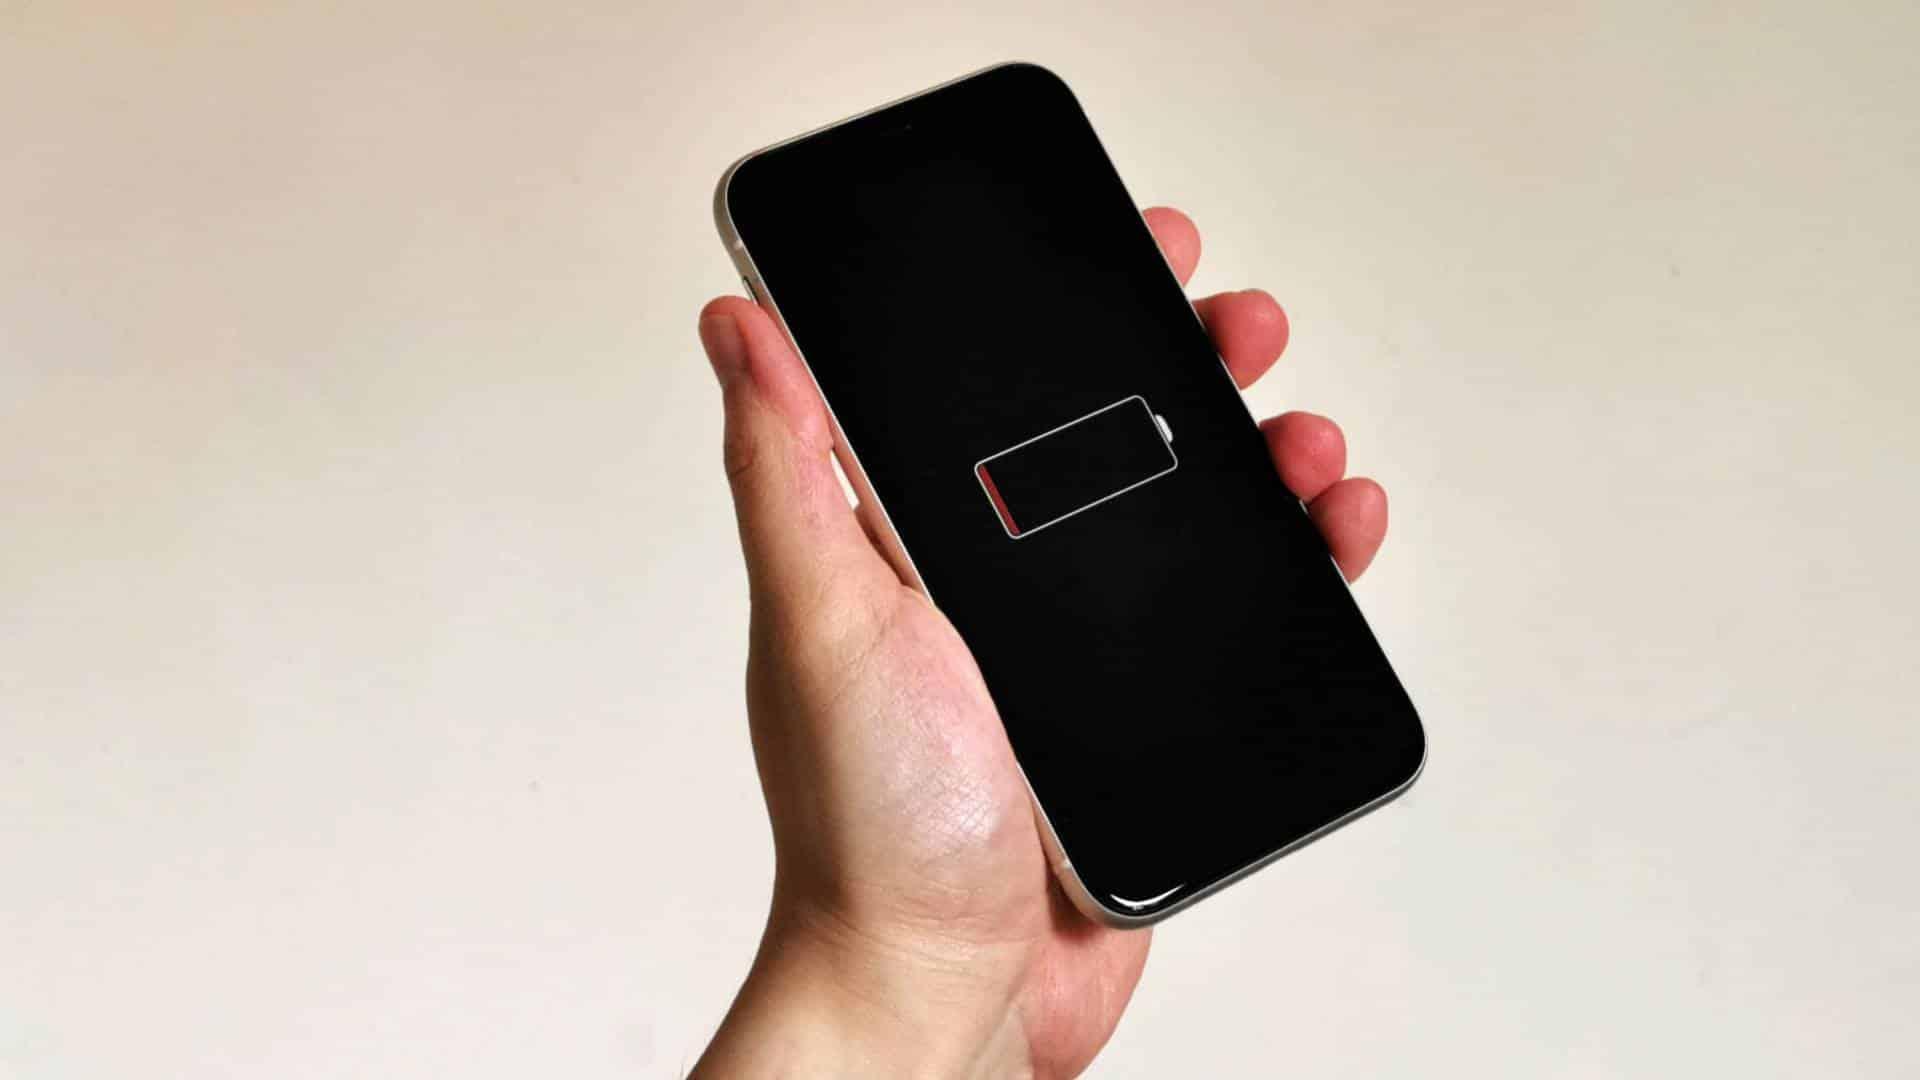 Porovnanie iOS 14.4 vs iOS 14.3 v teste výdrže batérie